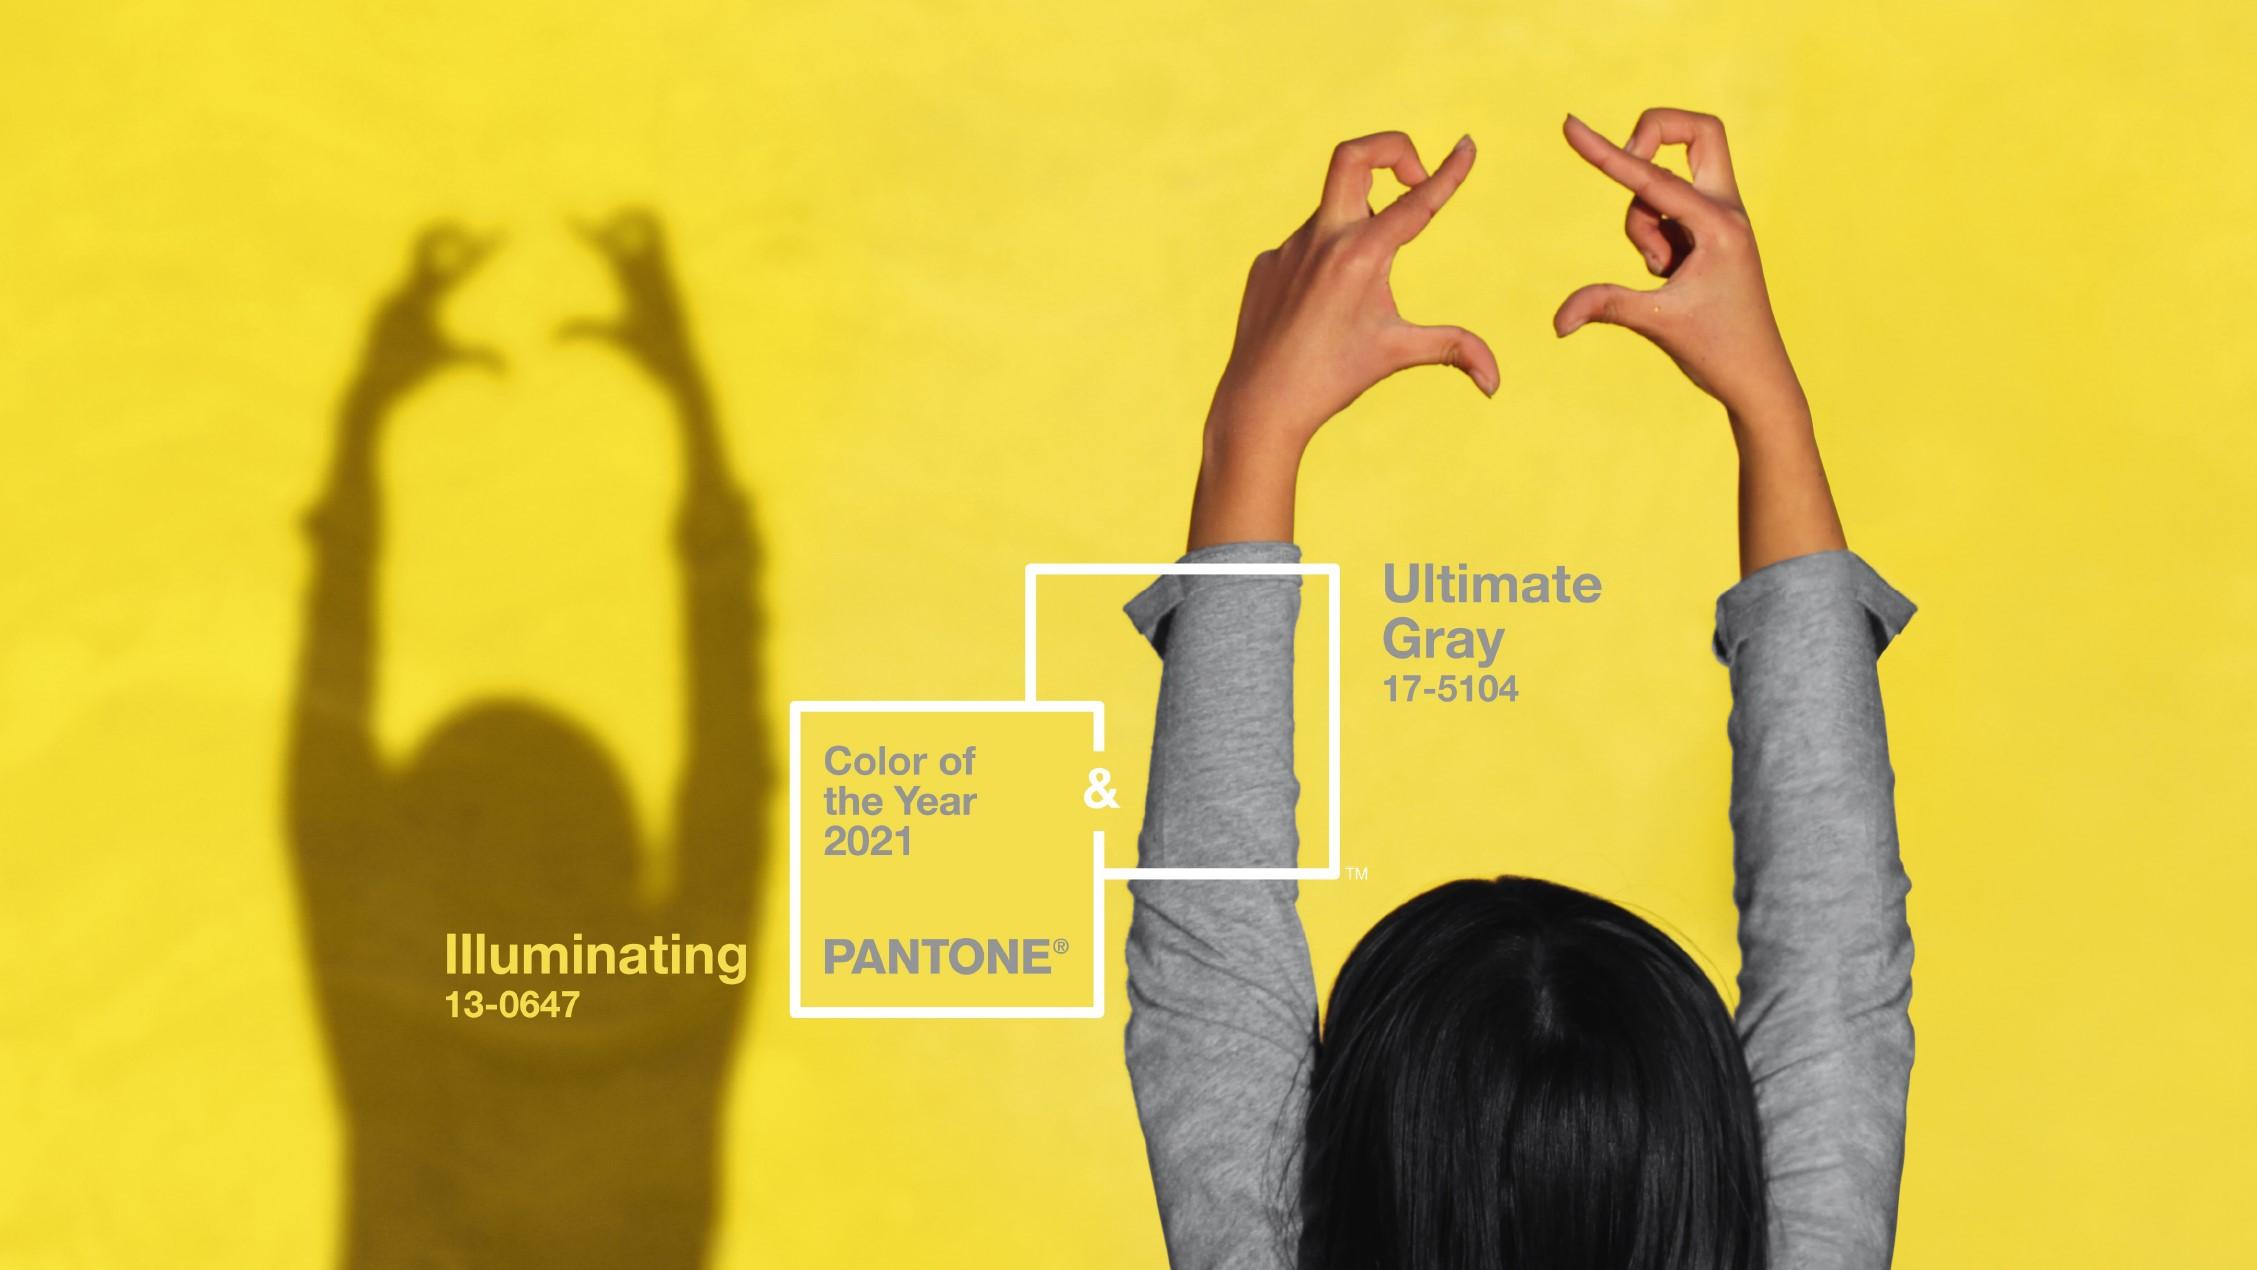 Gli abbinamenti ideali per Giallo Illuminating e Ultimate Gray, i colori Pantone 2021